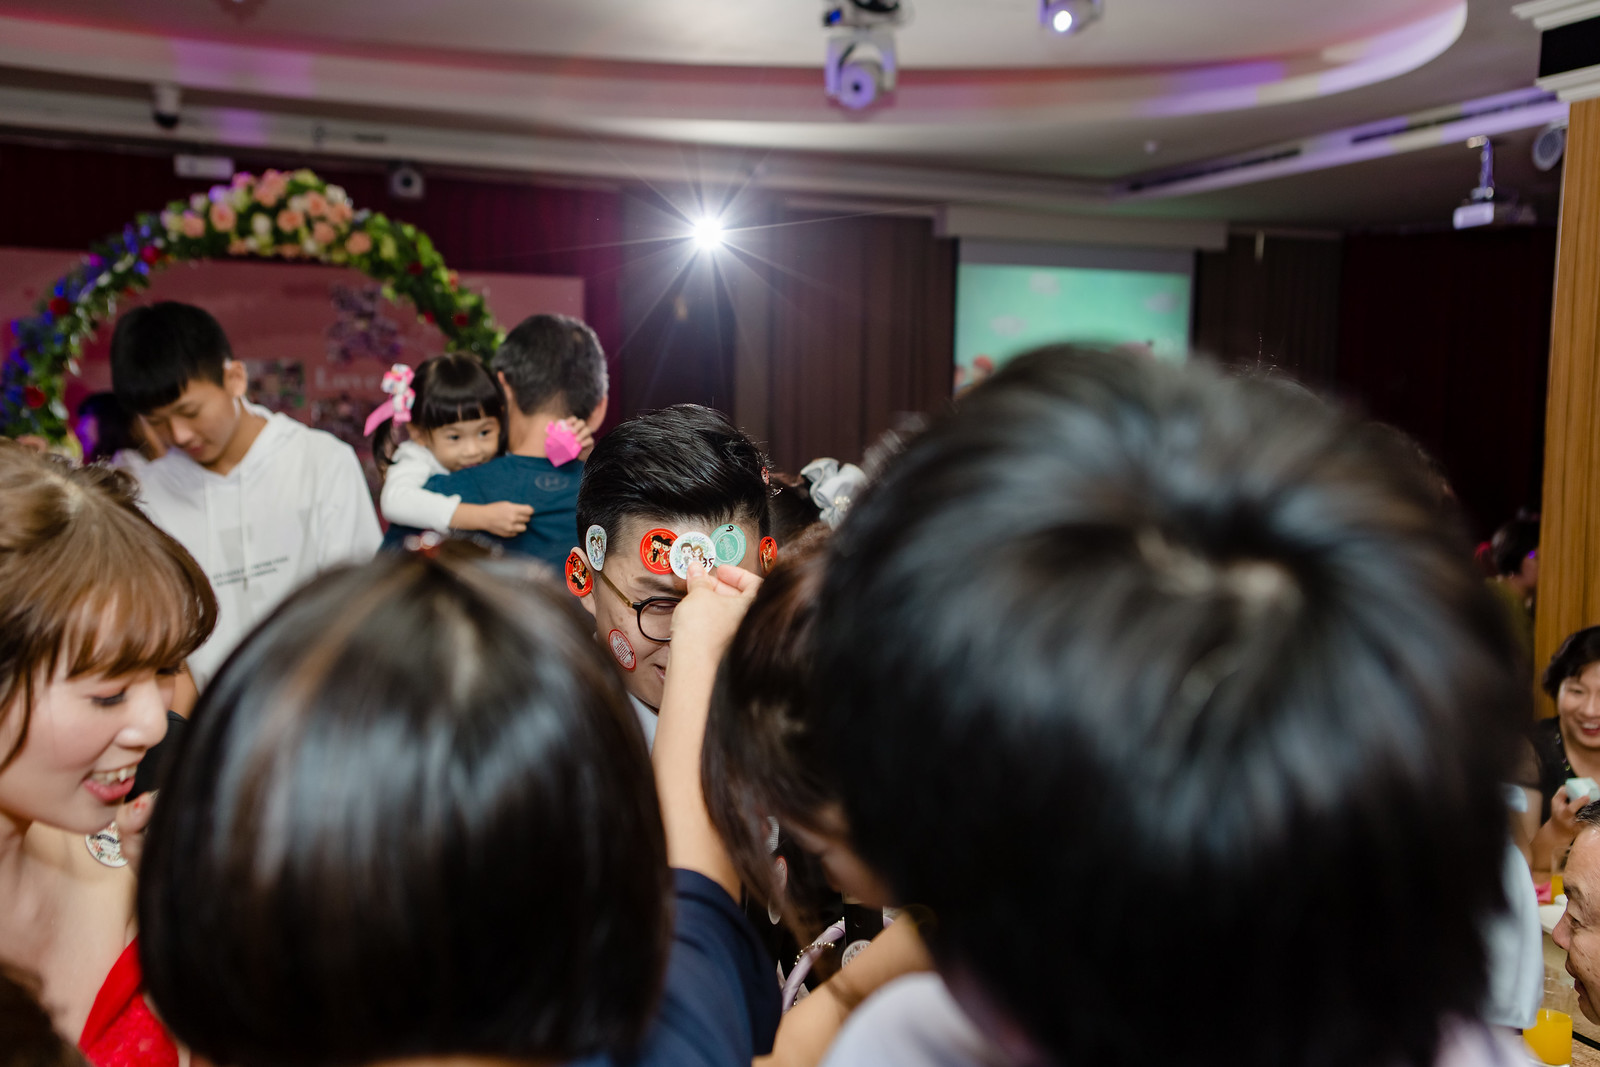 [婚禮攝影] 建智 & 瑞瑀 東成會館   歸寧午宴   婚禮精華